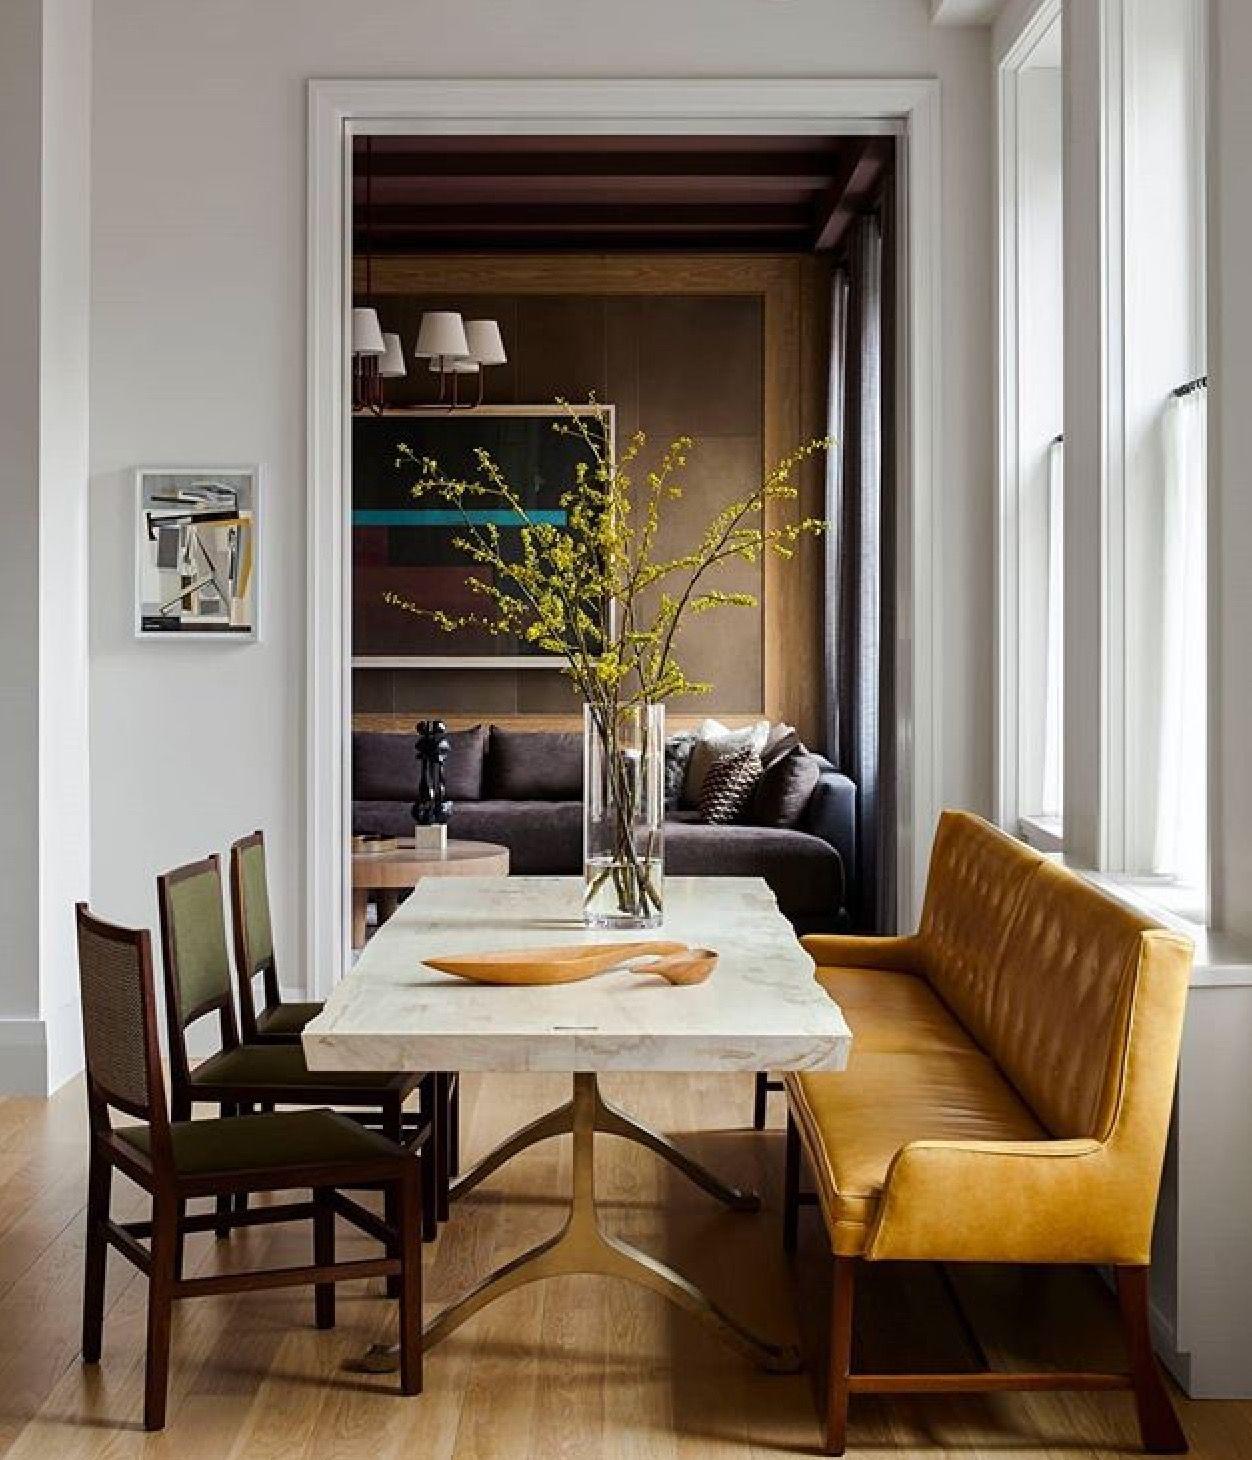 Uns zu hause innenarchitektur pin von ilona auf home  pinterest  esszimmer wohnzimmer und haus